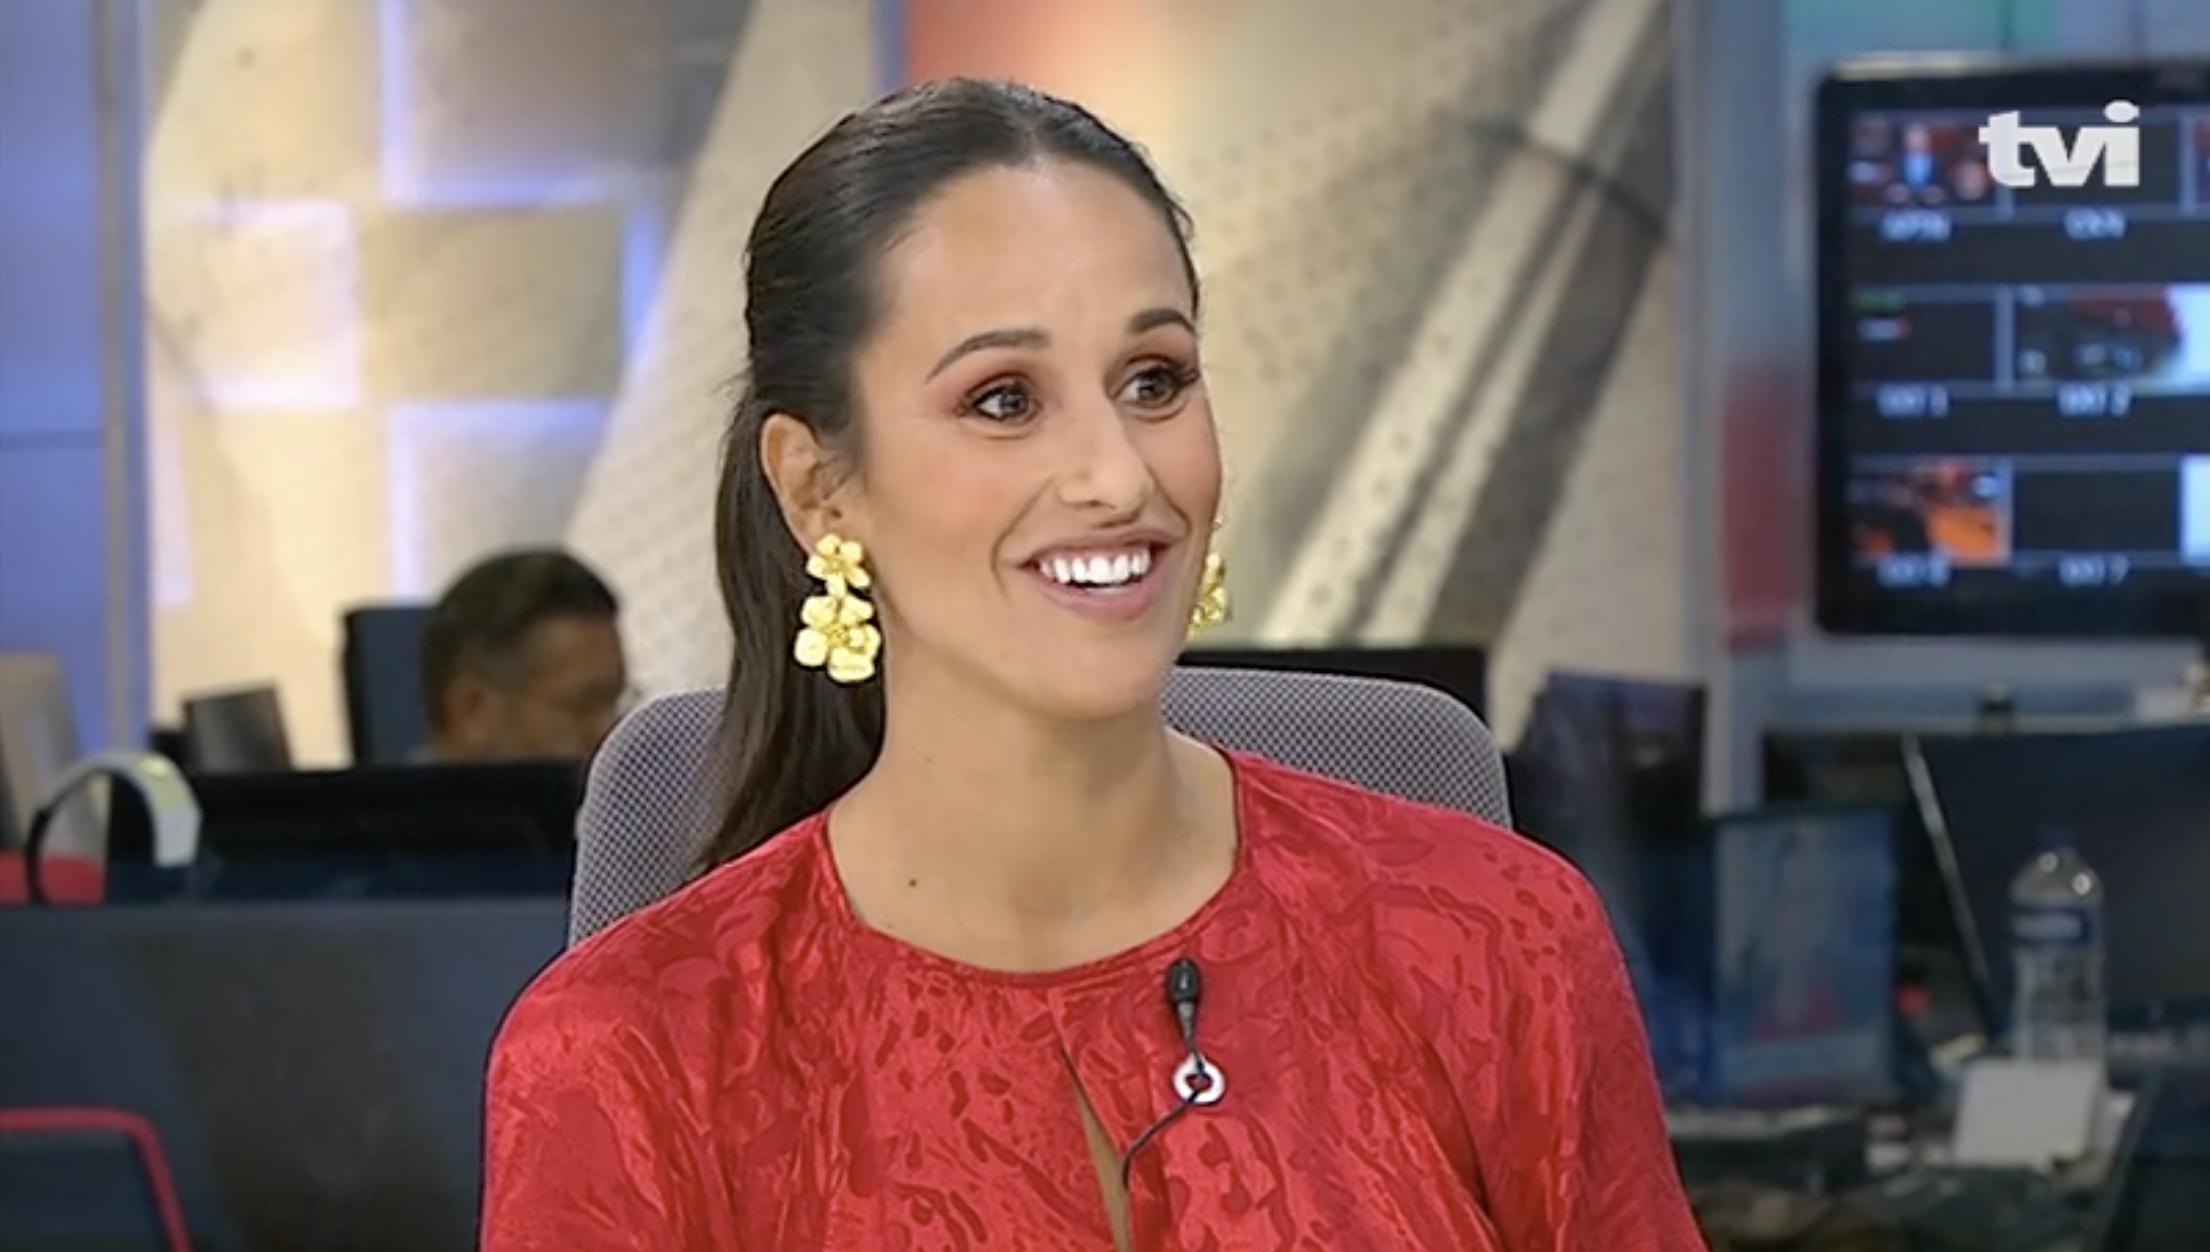 Rita Pereira Jornal Das 8 Rita Pereira Foi Chamada De Emergência À Tvi Para Travar Cristina Na Sic